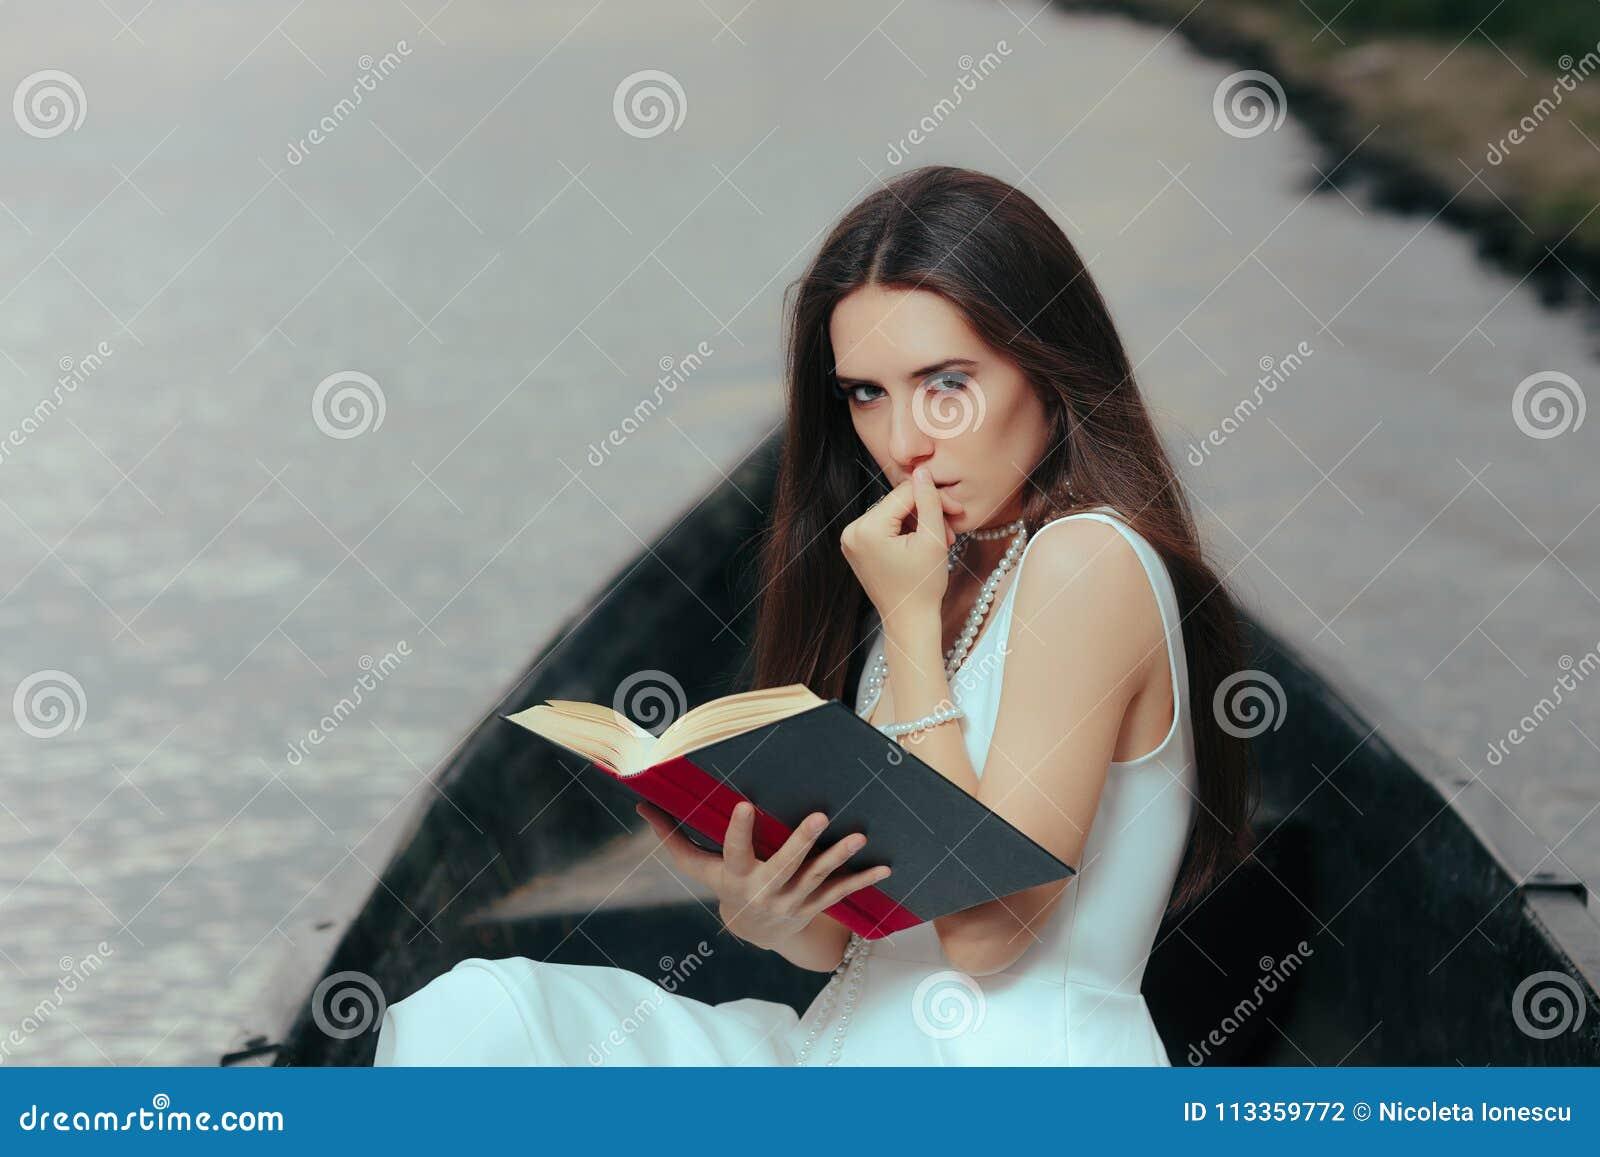 Αναδρομική γυναίκα που διαβάζει ένα βιβλίο σε μια εκλεκτής ποιότητας βάρκα